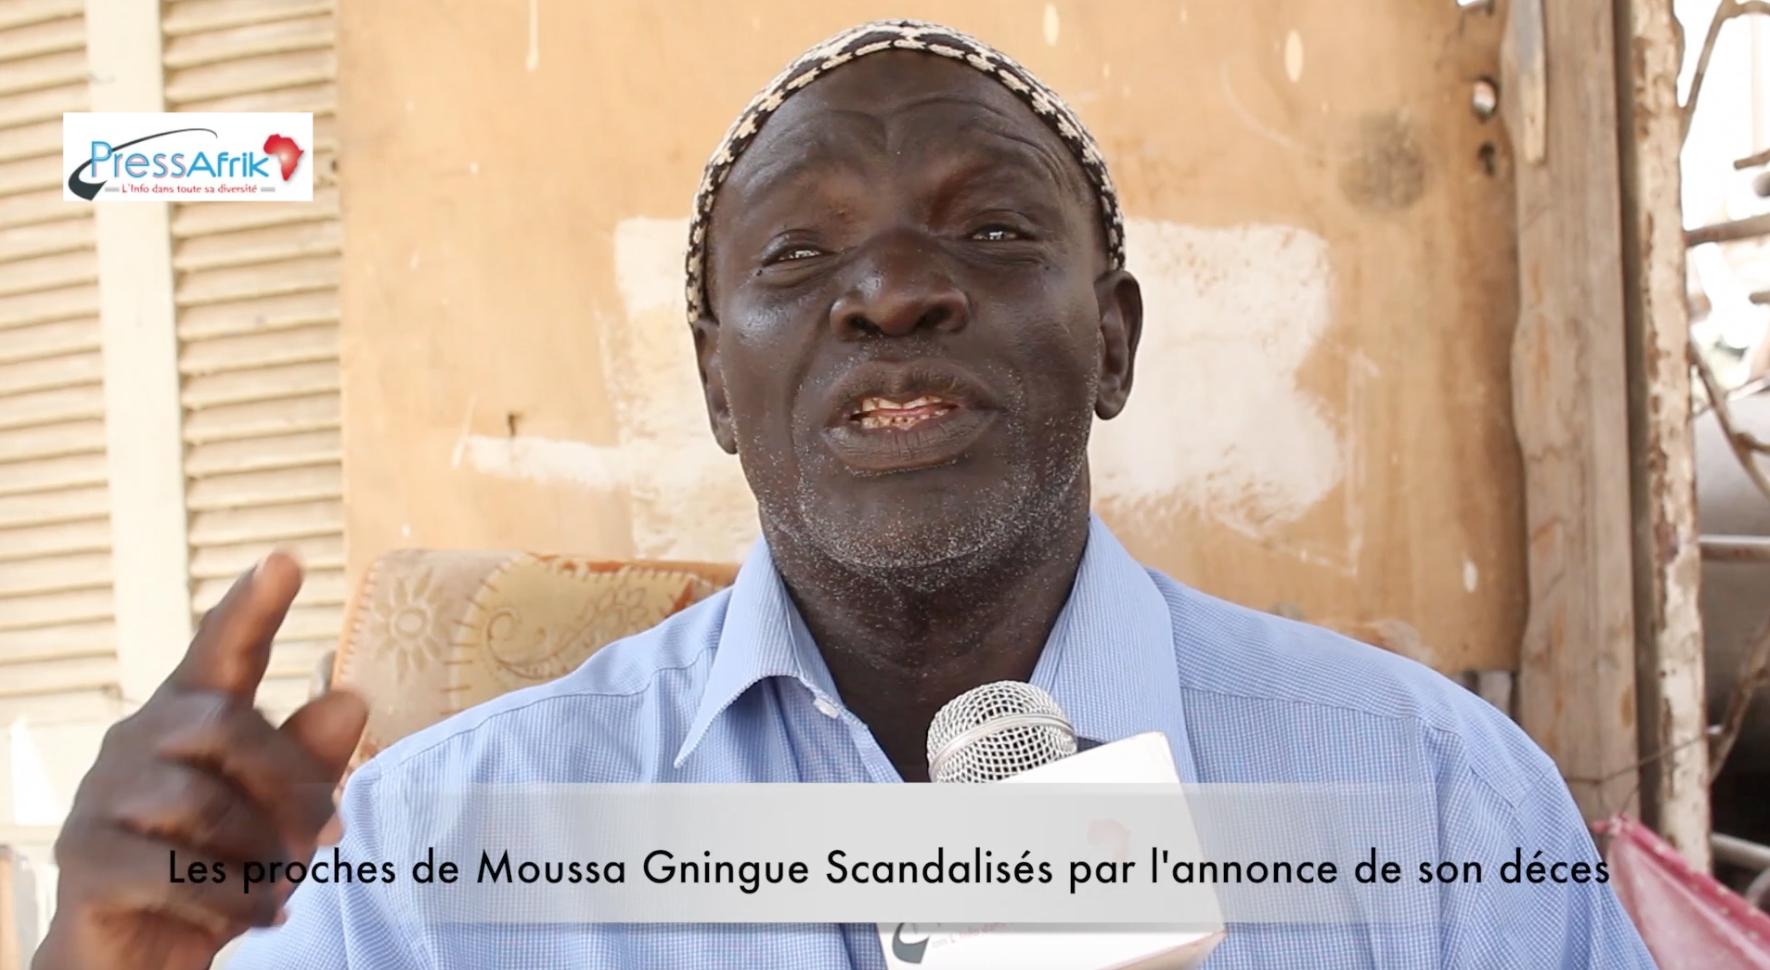 Vidéo - Les proches de Moussa Gningue scandalisés par l'annonce de son décès